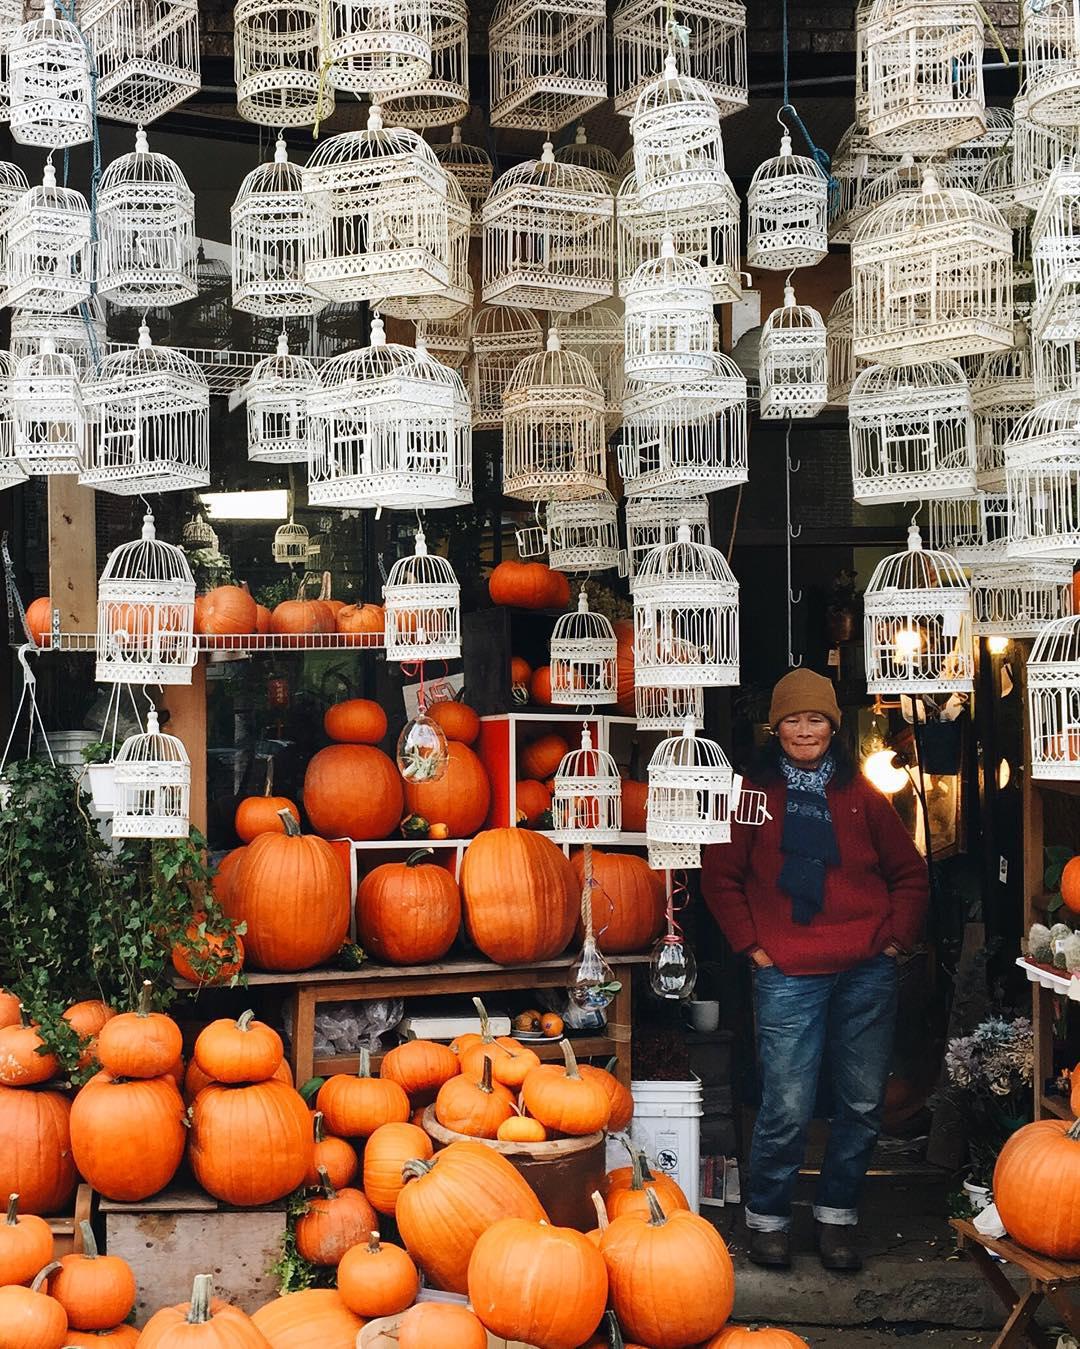 Bernard St. pumpkins